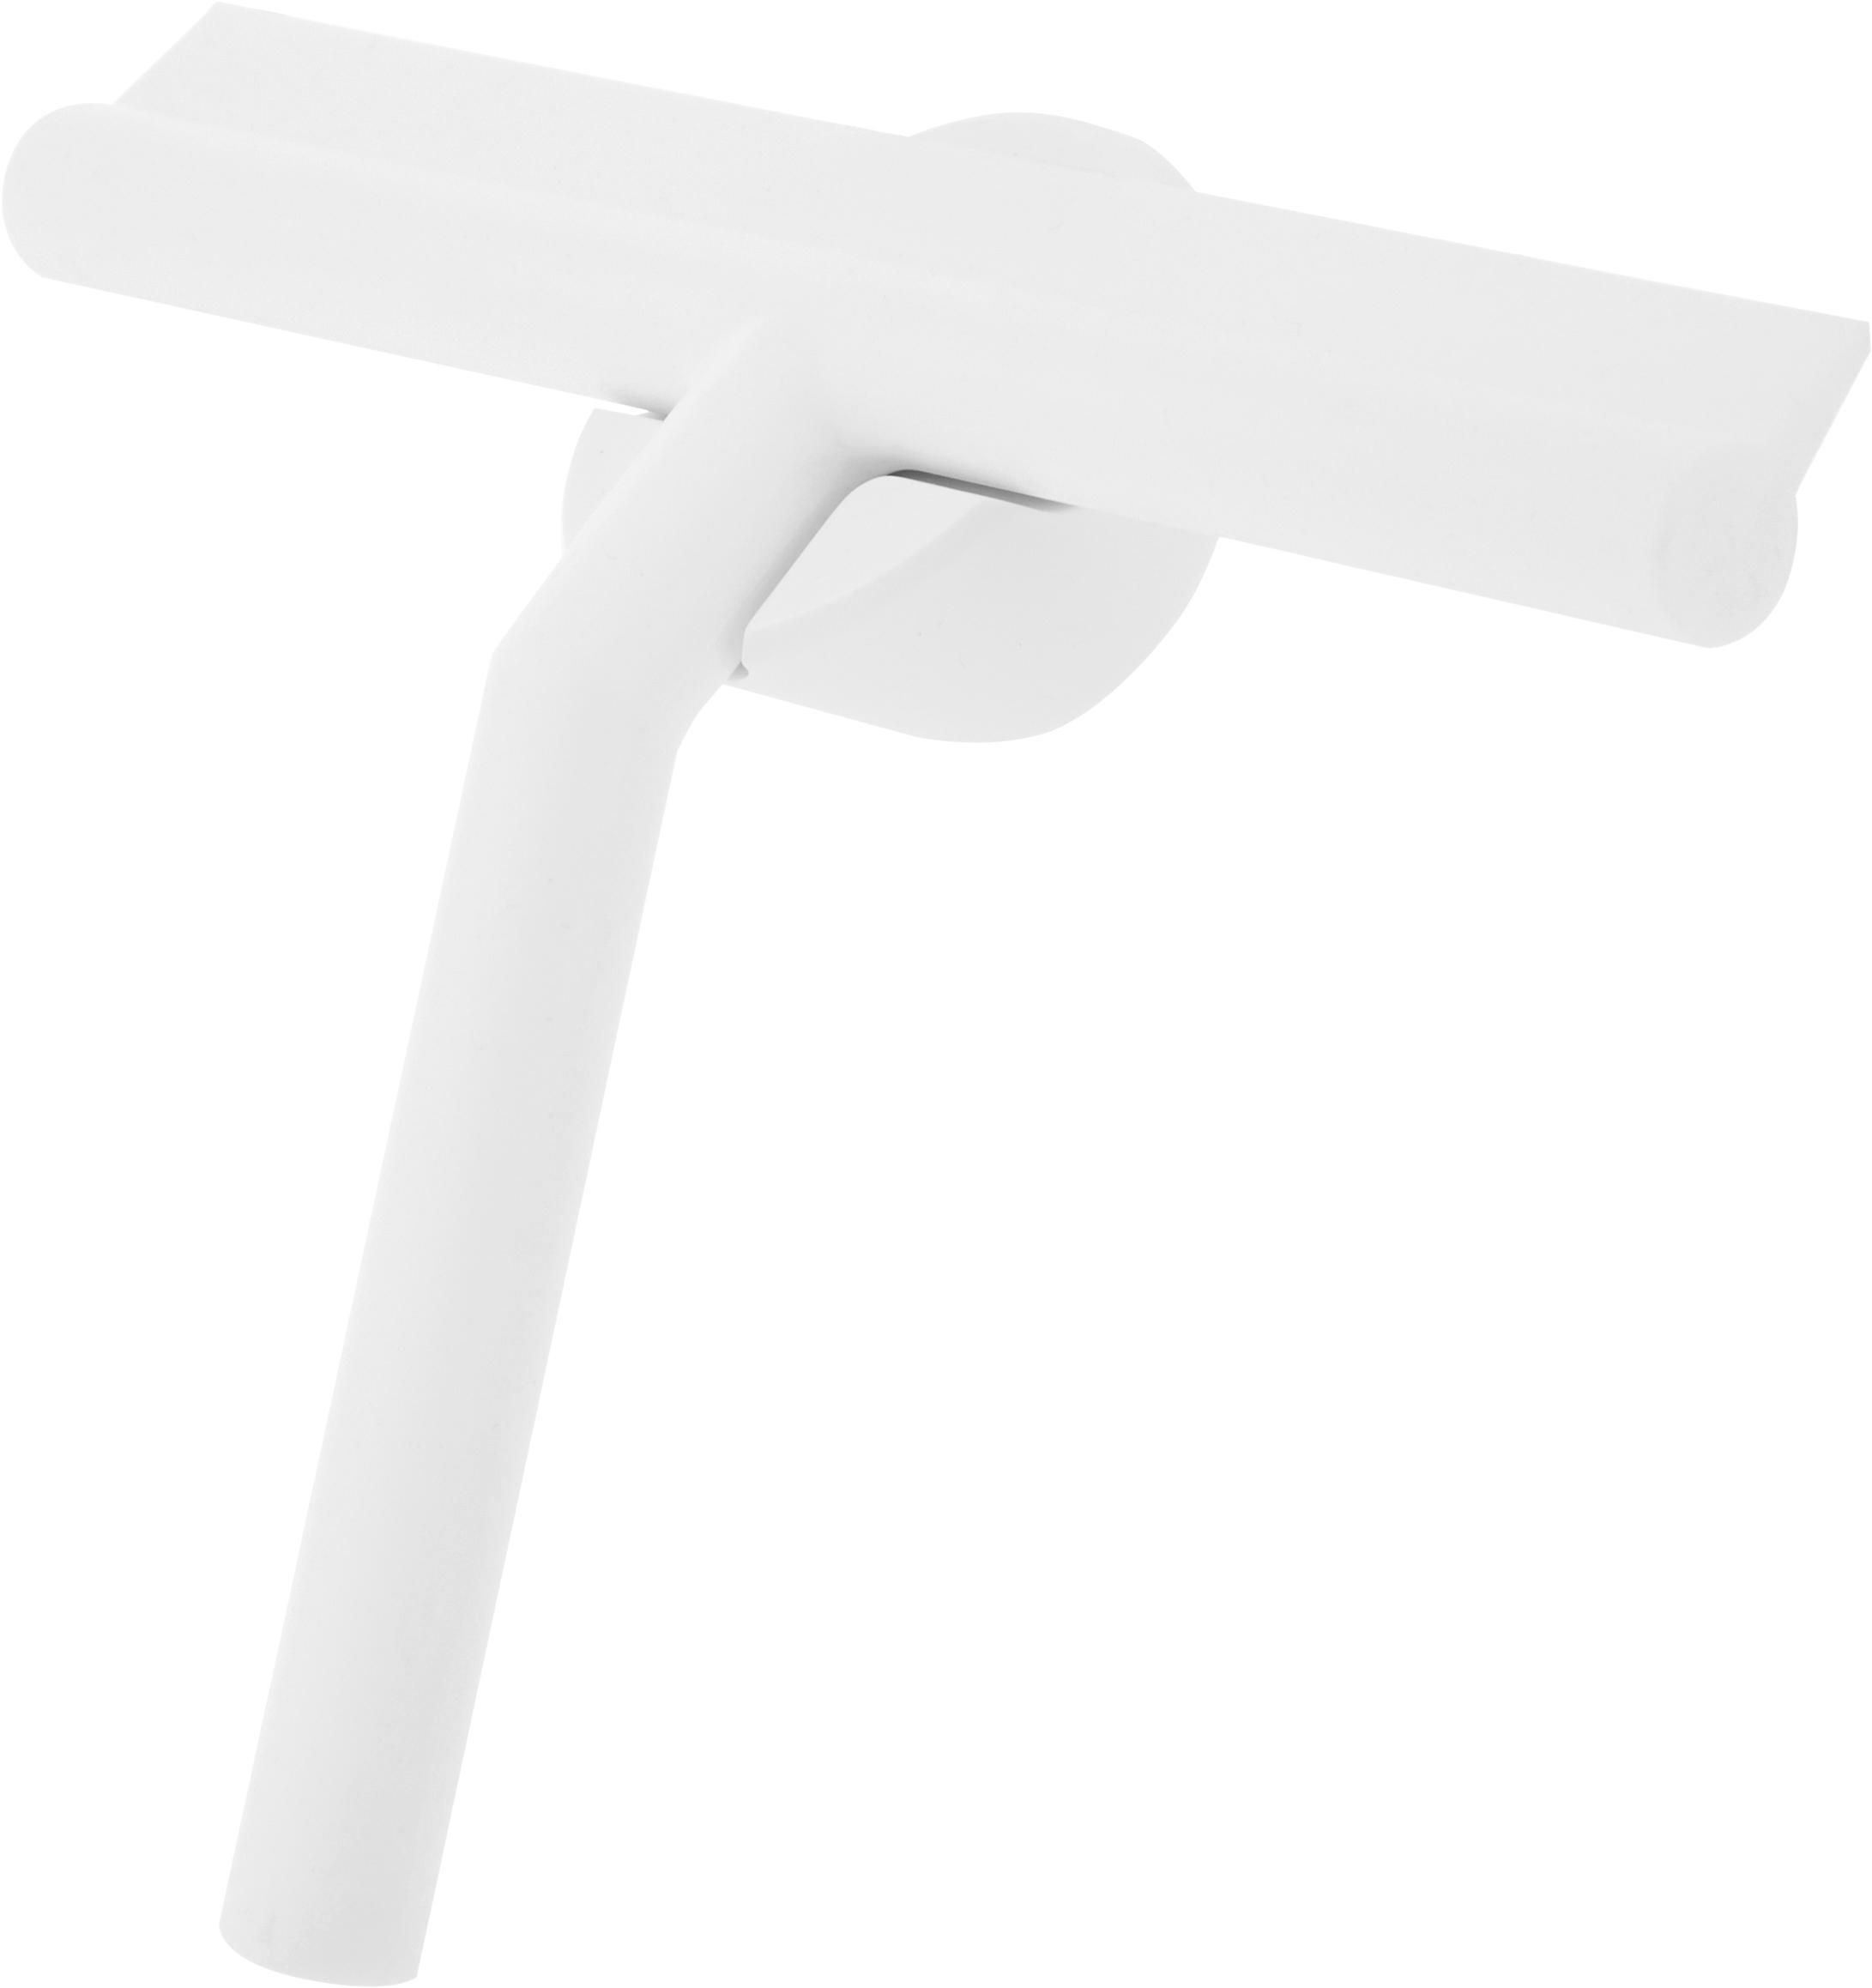 Tergivetro con supporto a parete Nova, Tergivetro: plastica (ABS), Labbro: silicone, Bianco, Larg. 21 x Alt. 5 cm